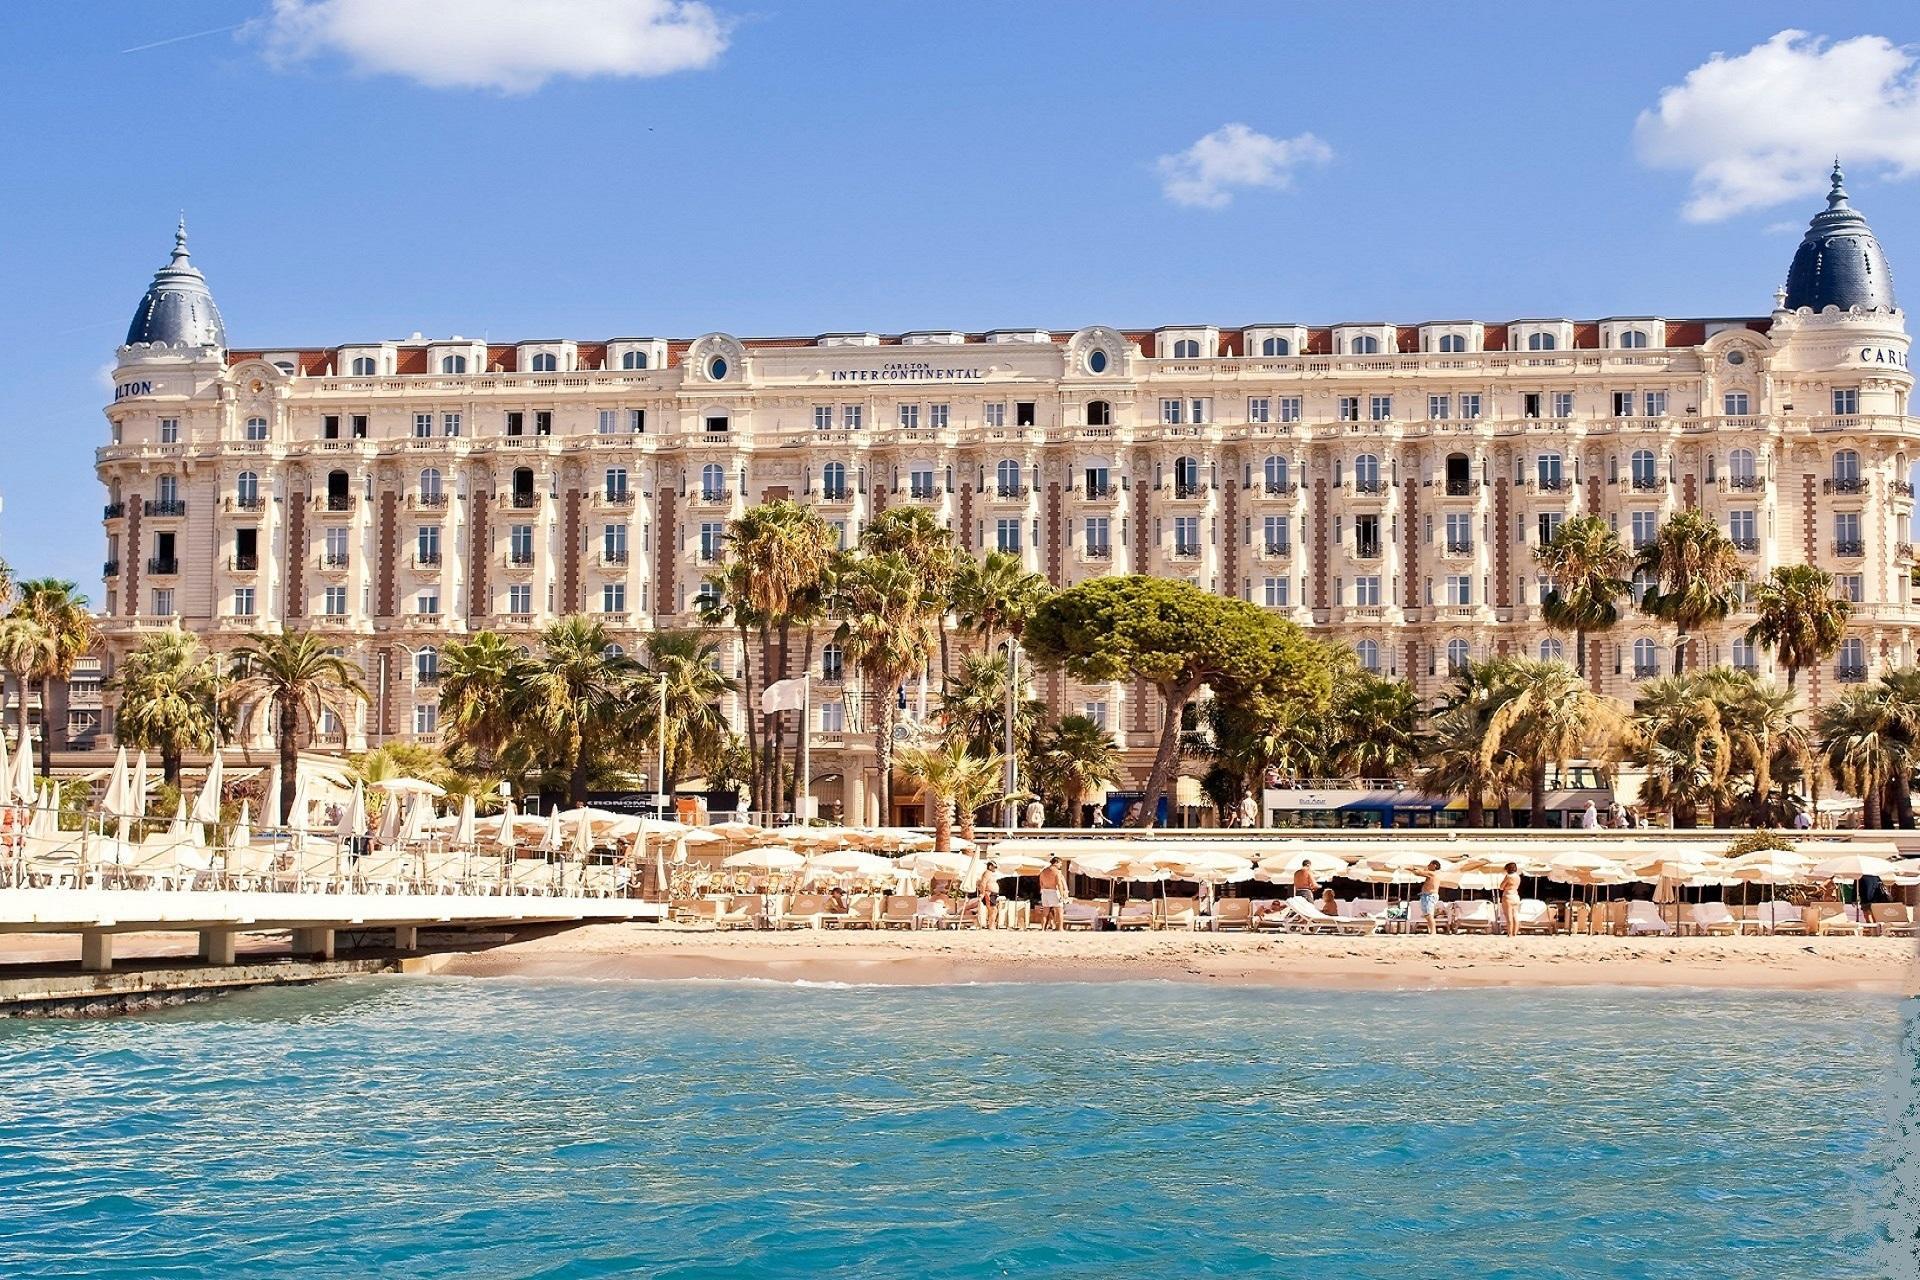 Carlton-Cannes-French-Riviera-cote-dazur-Croisette (10)